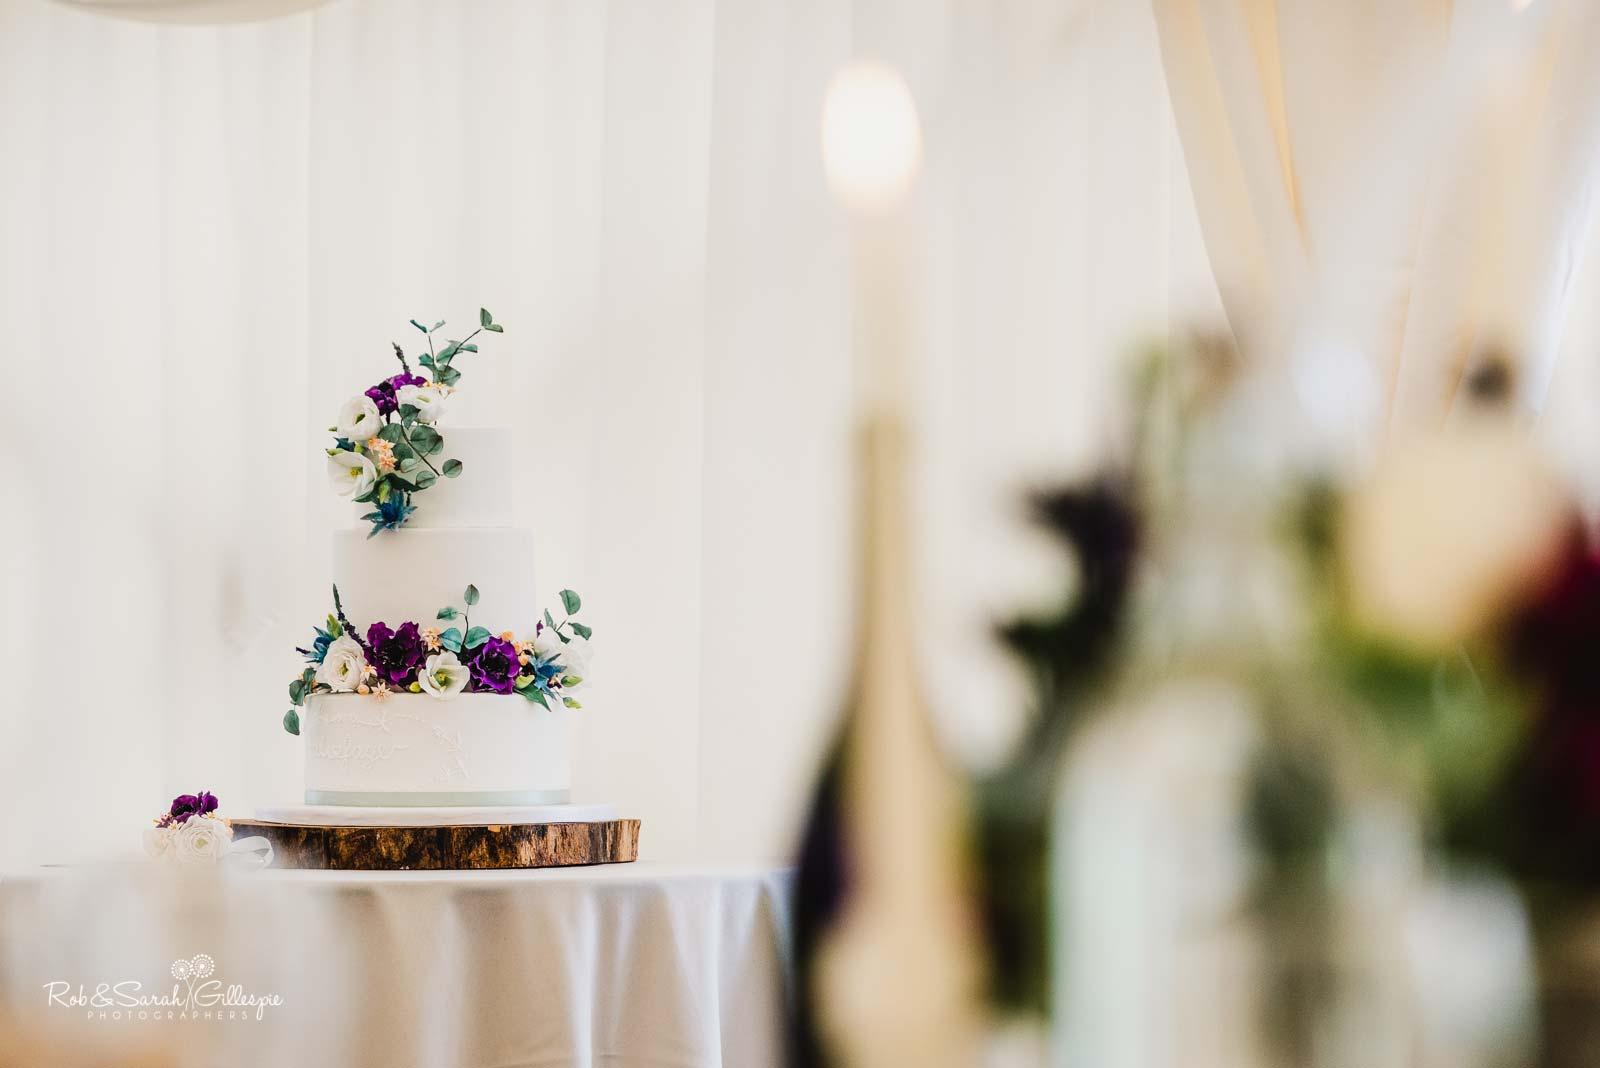 Wedding cake at Wethele Manor